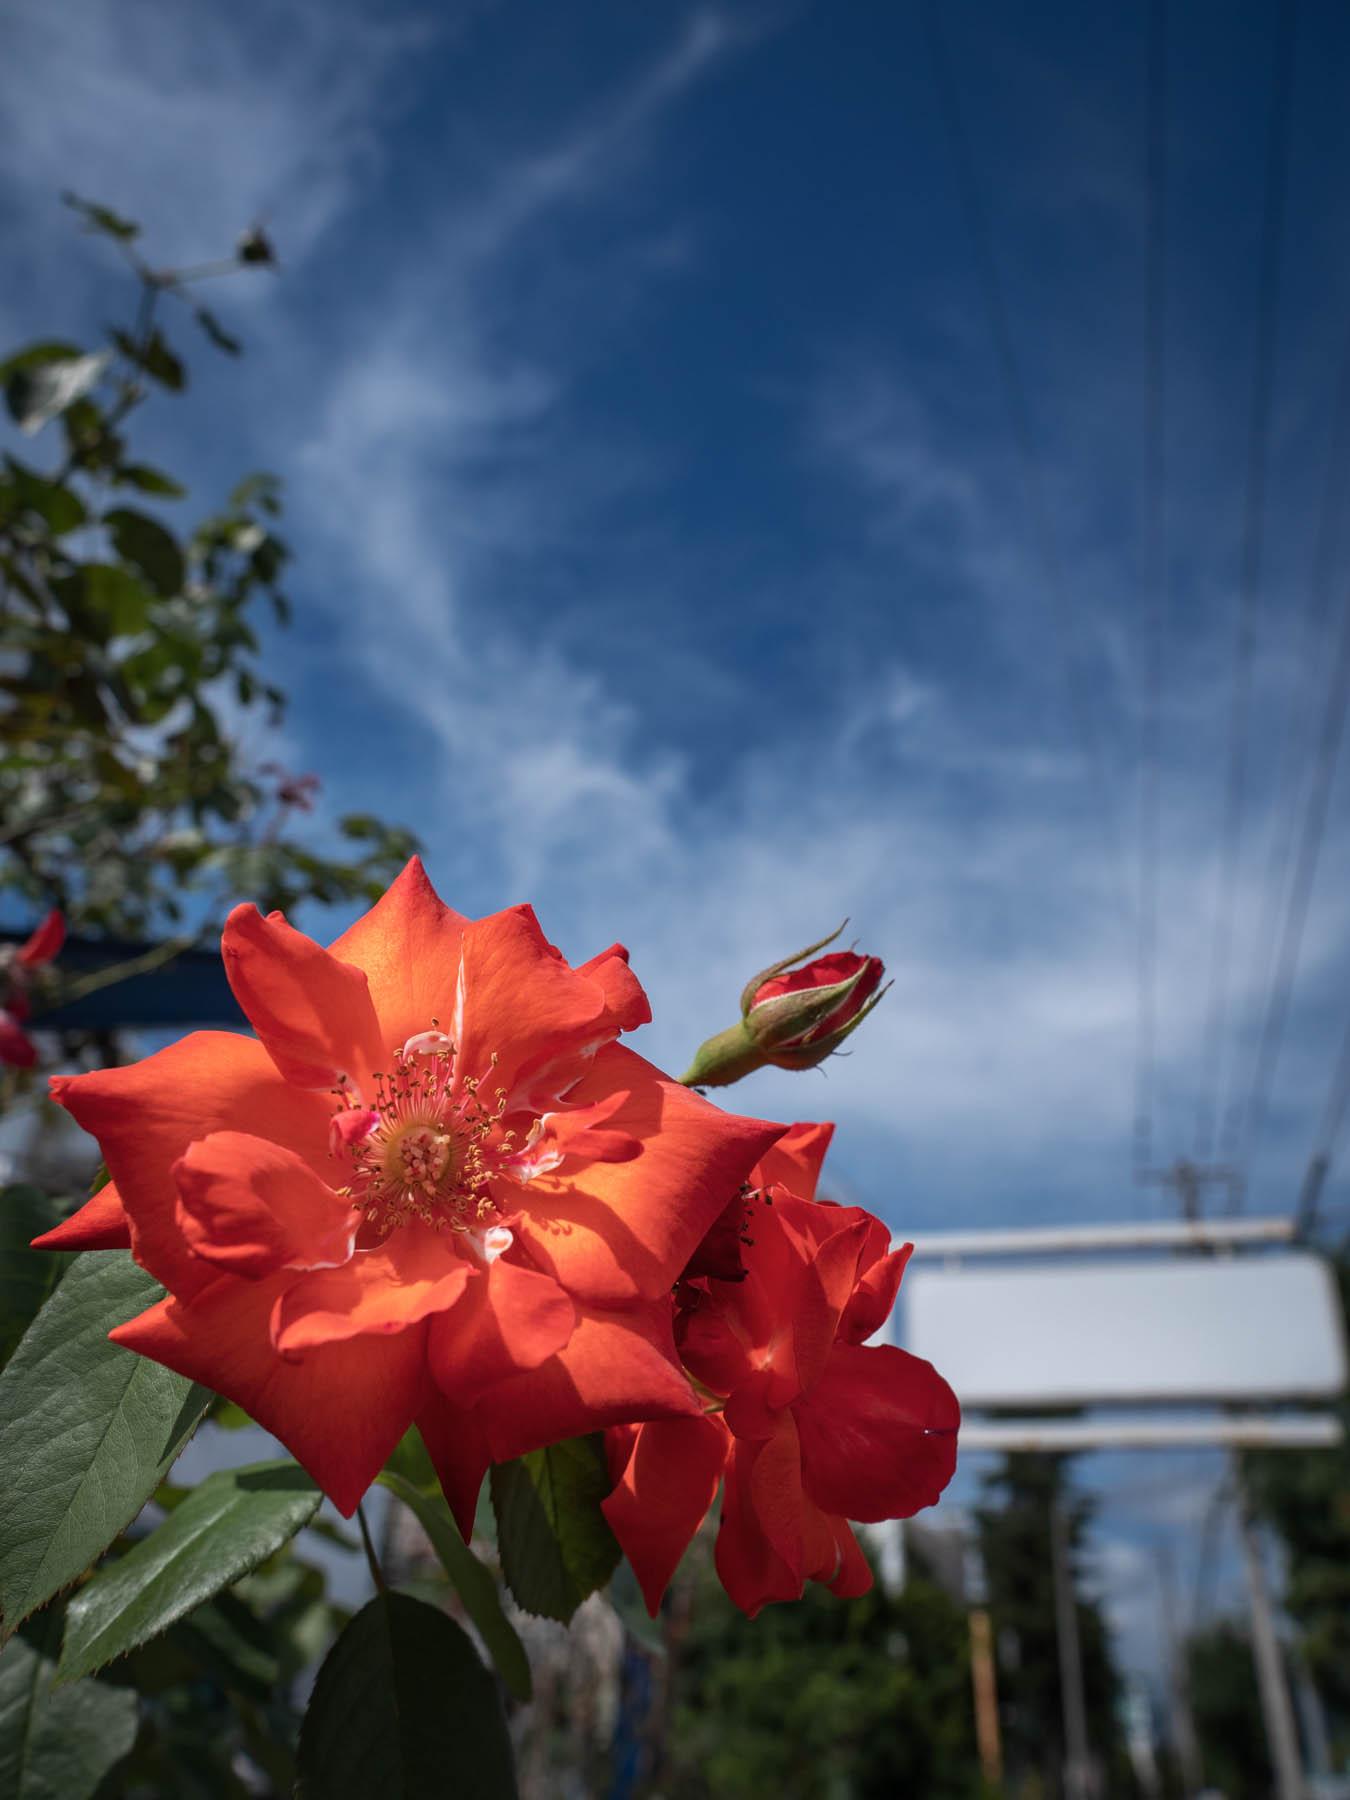 閉店したヘアーサロンの敷地に取り残されたバラに似た真っ赤な花と夏の空